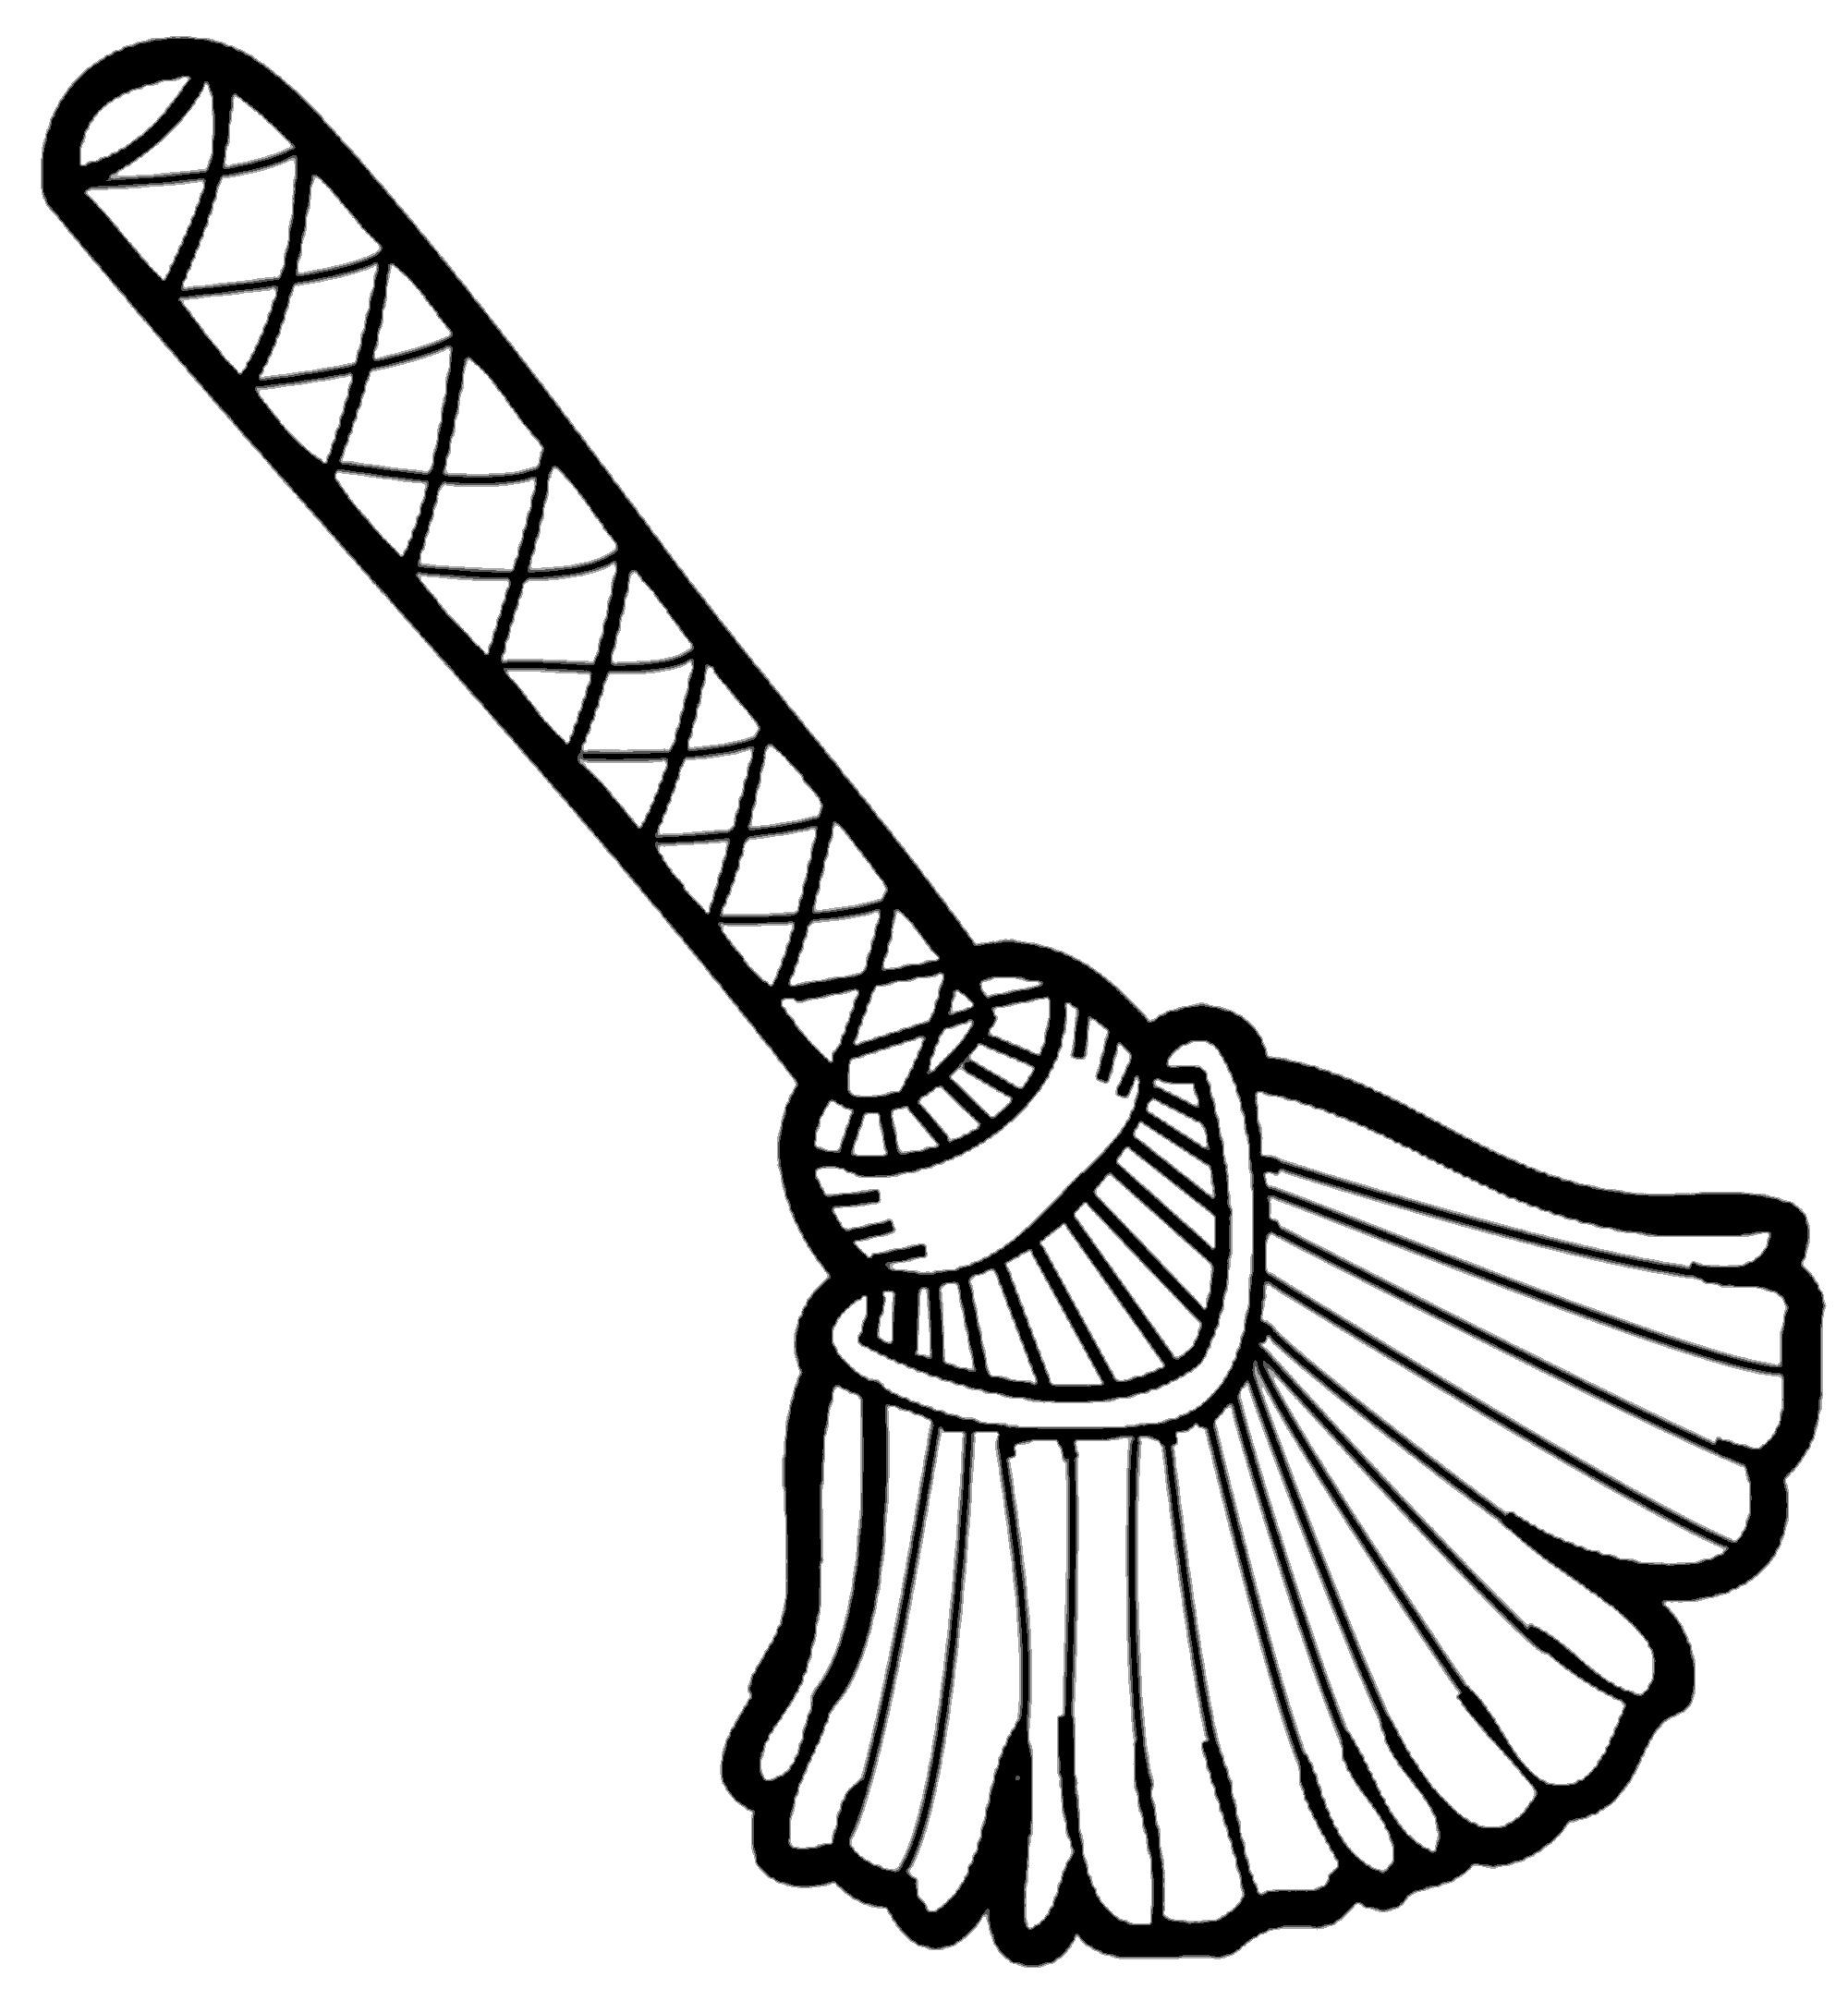 Broom Clip Art